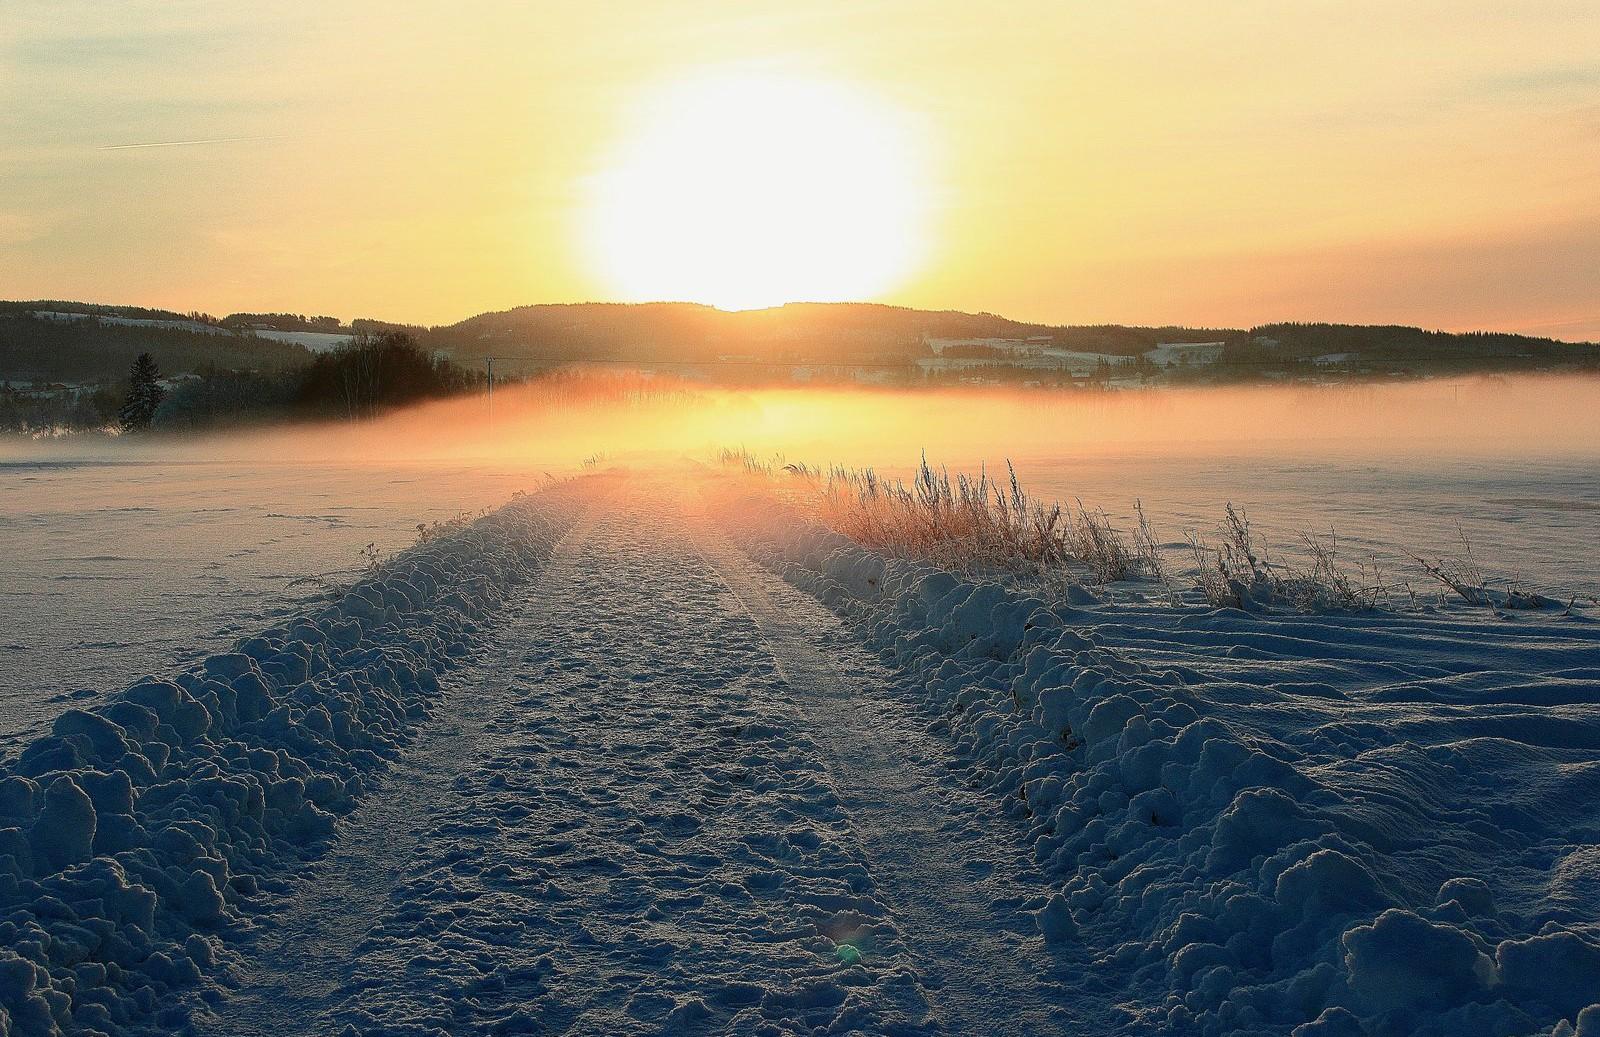 Like før solnedgang på Fæbyenget i Verdal